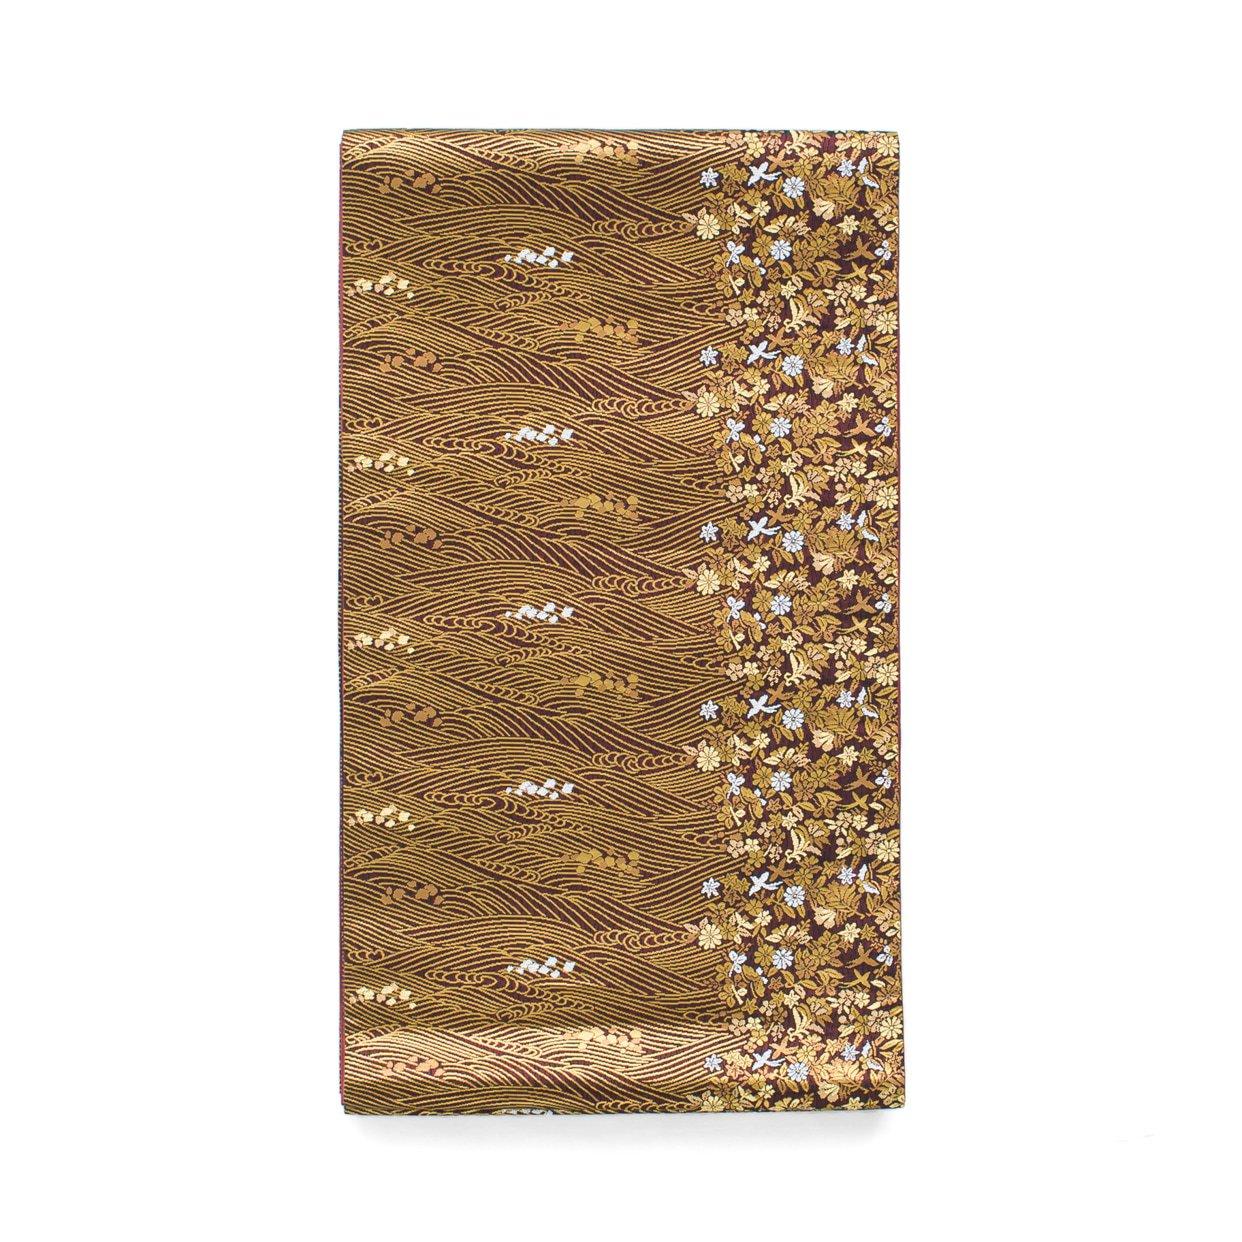 「袋帯●金の波 花と鳥」の商品画像